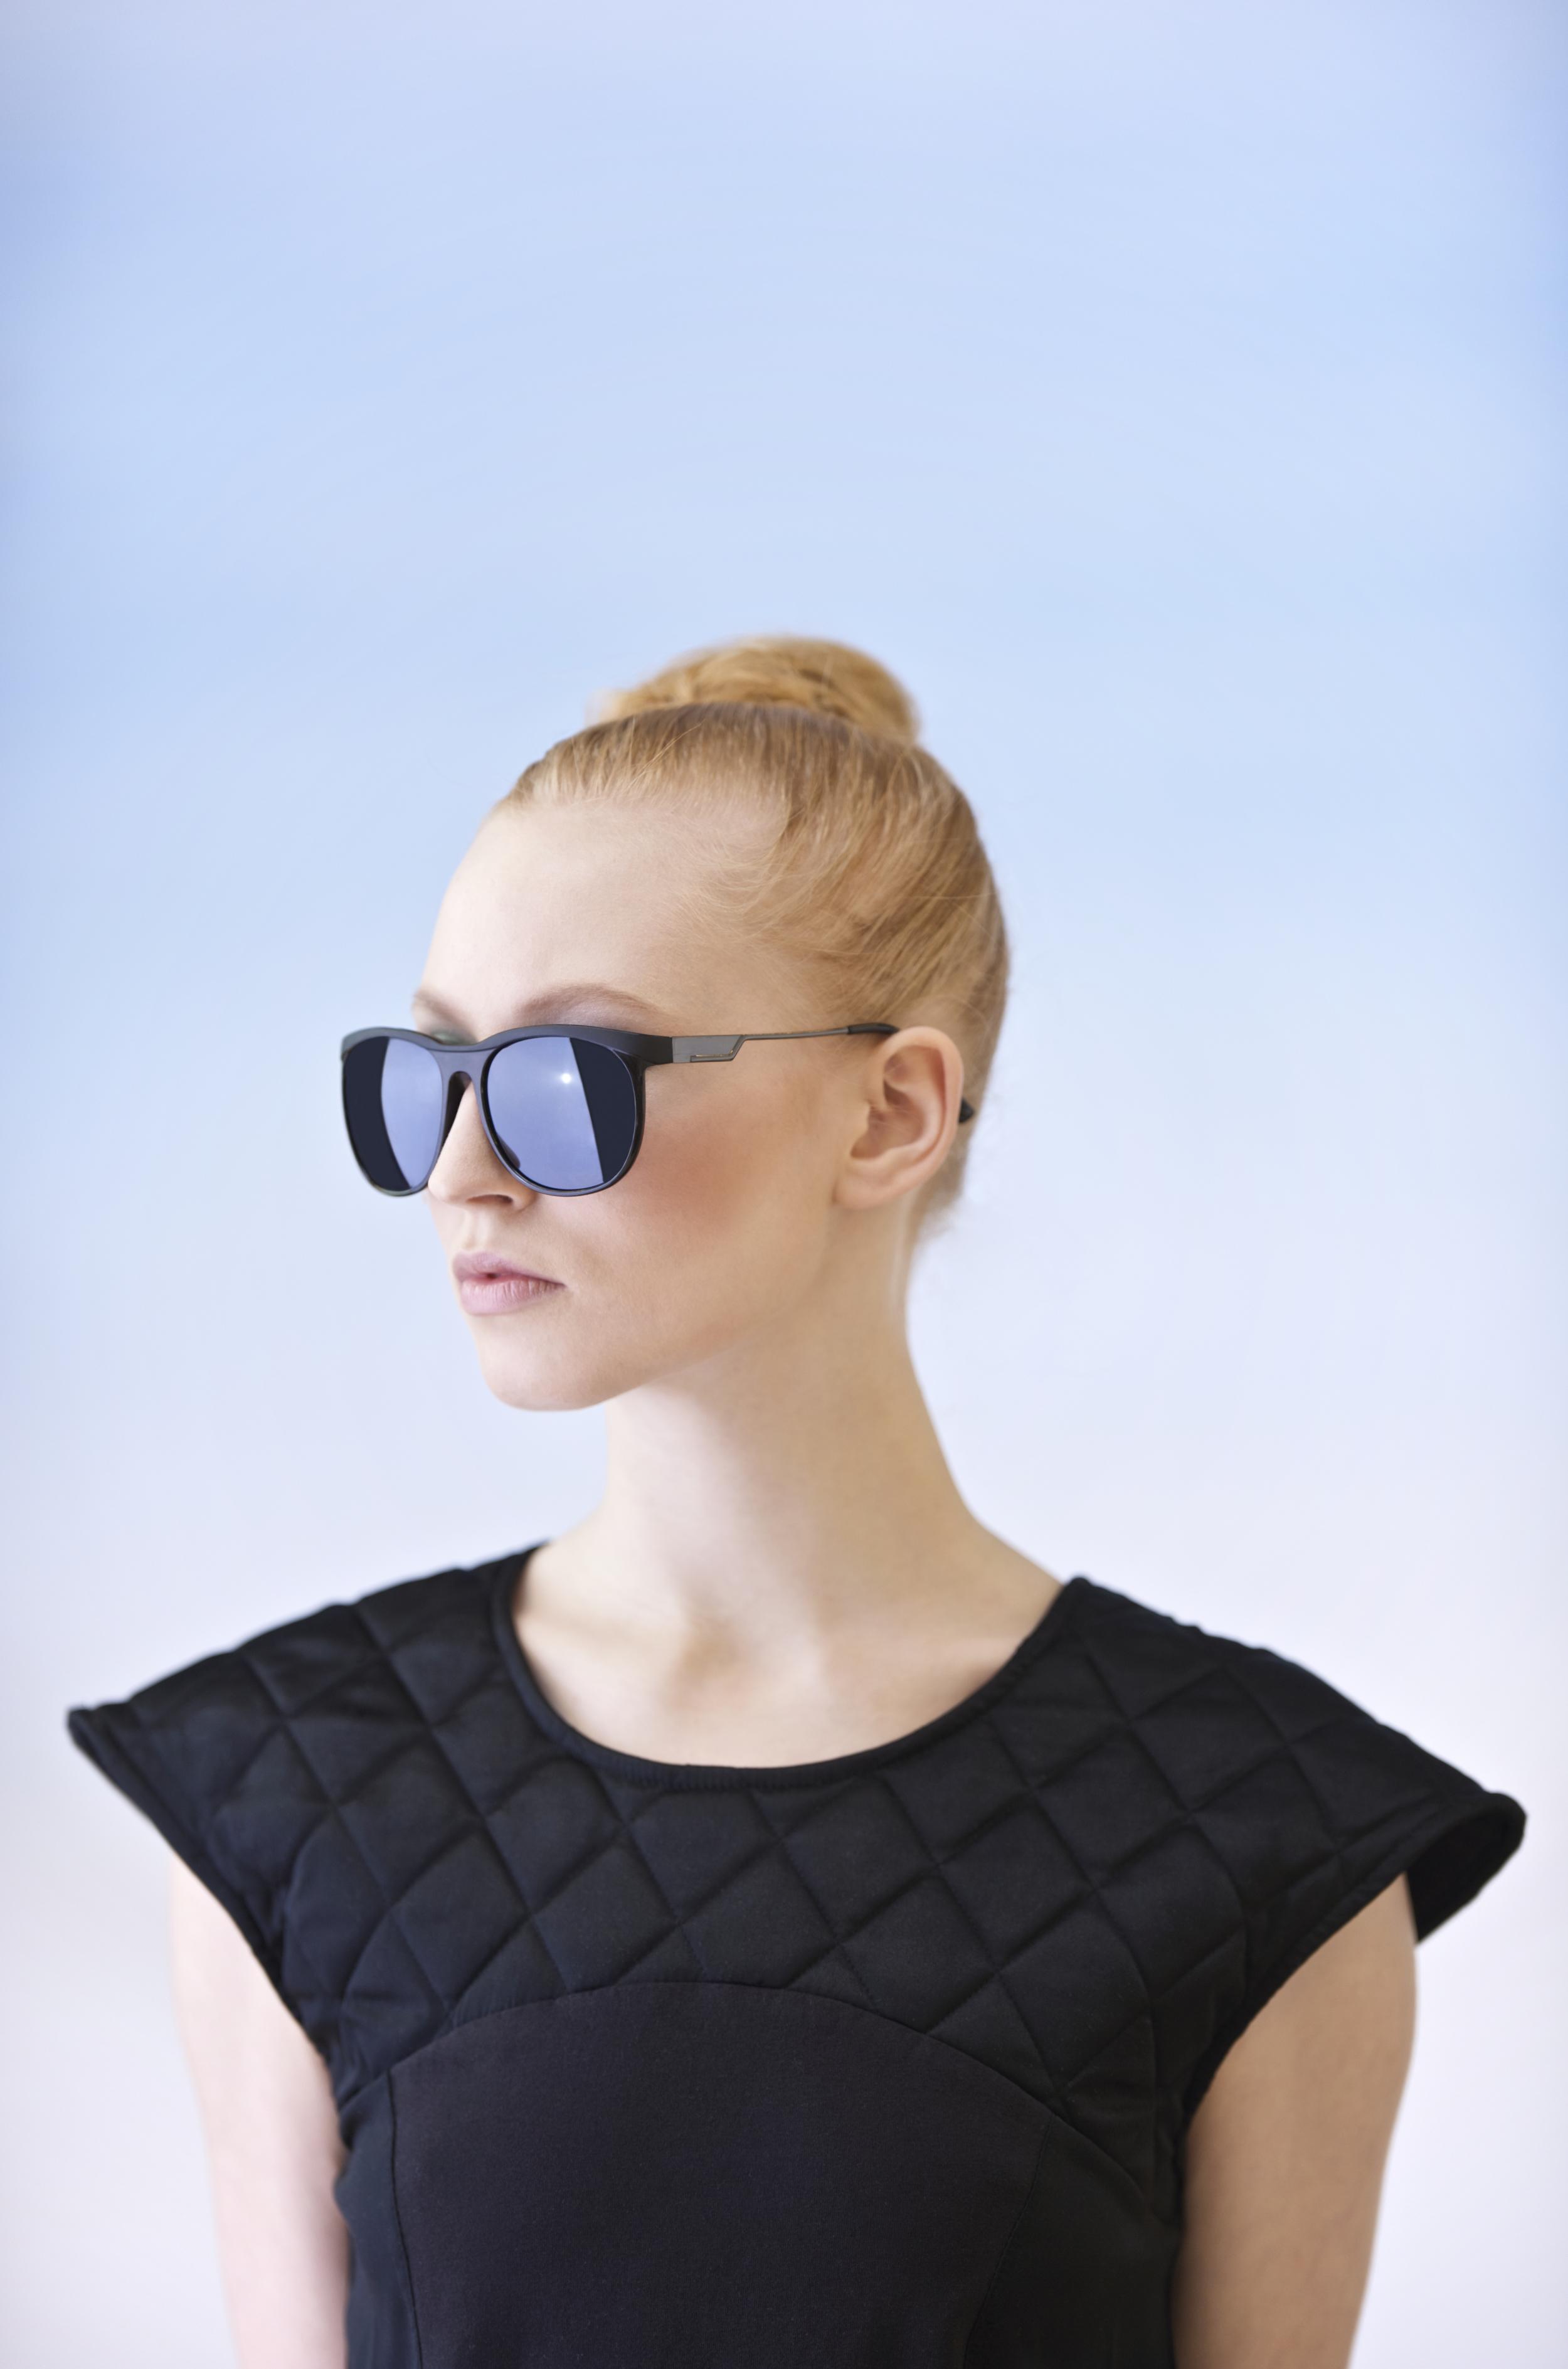 Hanna for E&E sunglasses